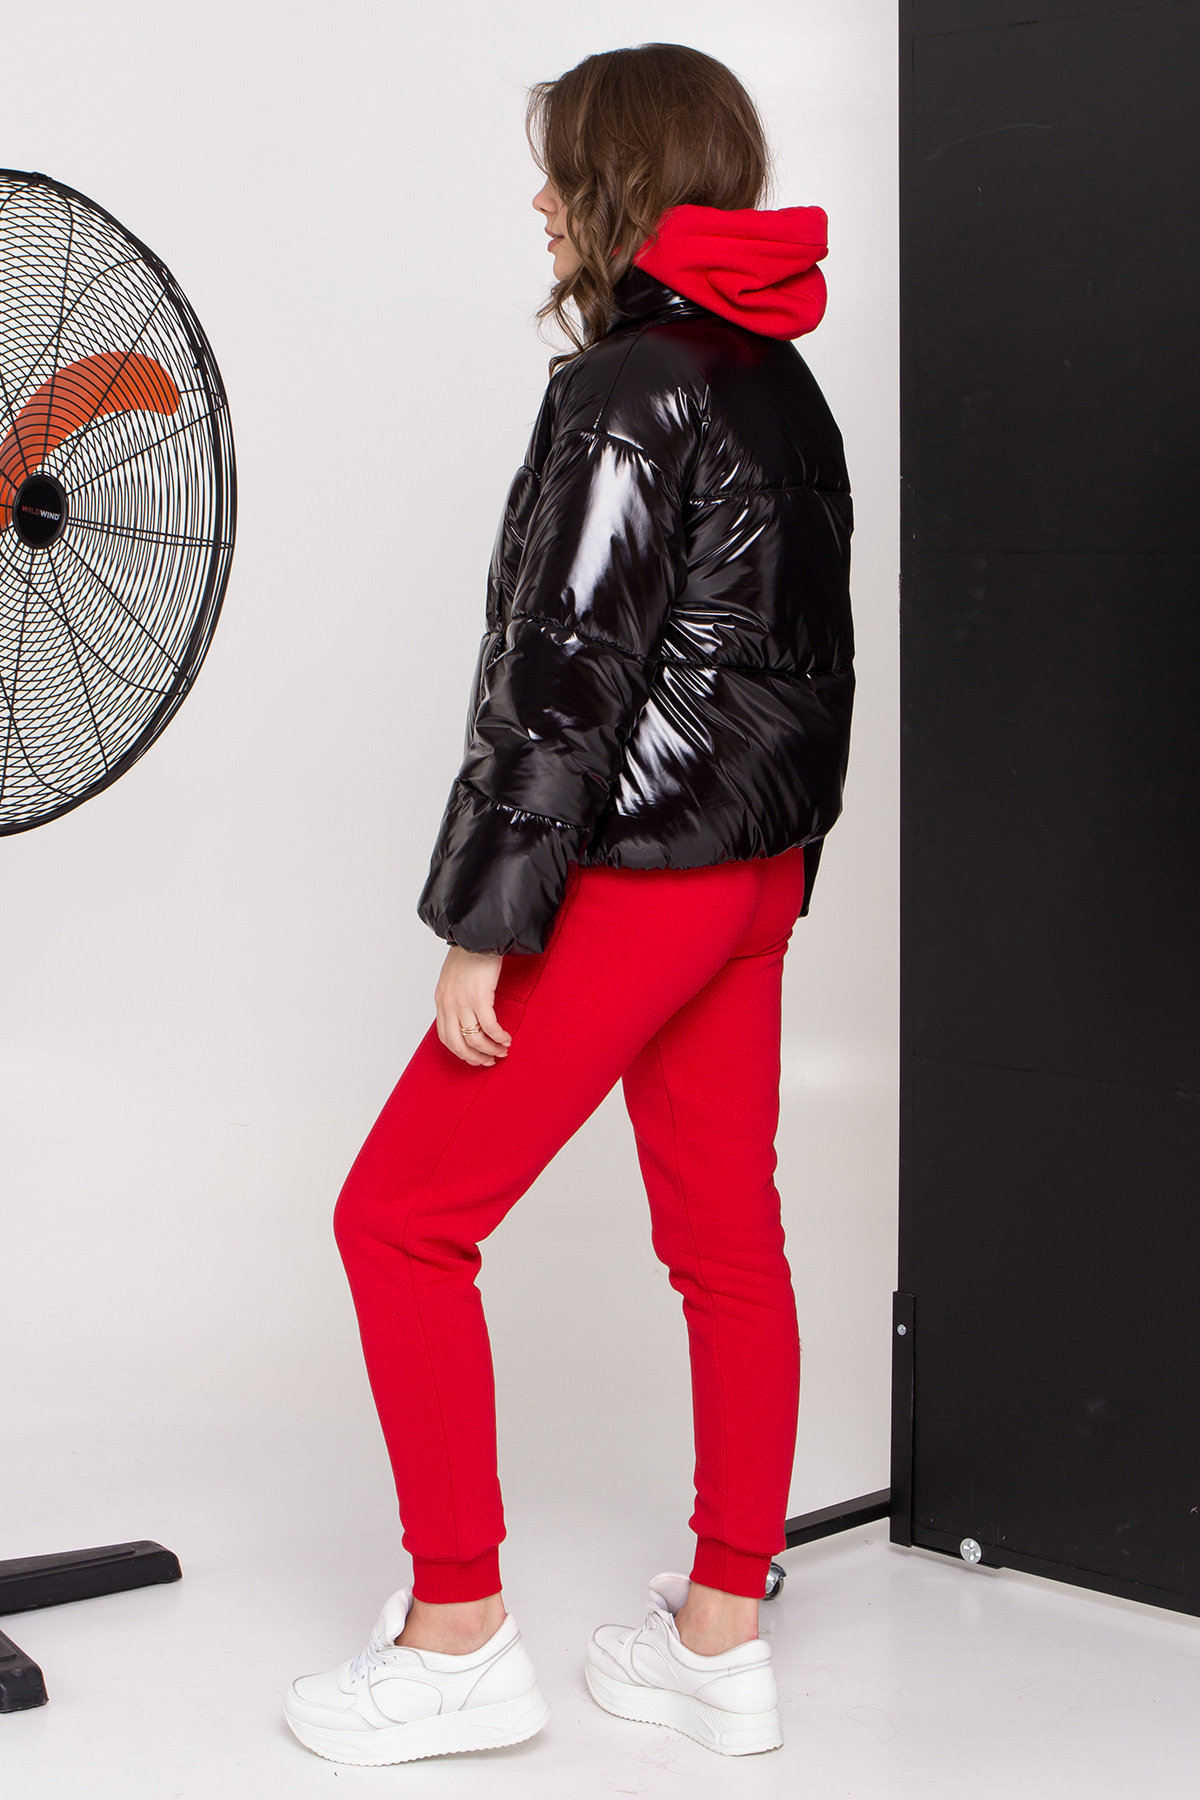 Куртка Драйв 8989 АРТ. 45299 Цвет: Черный - фото 12, интернет магазин tm-modus.ru